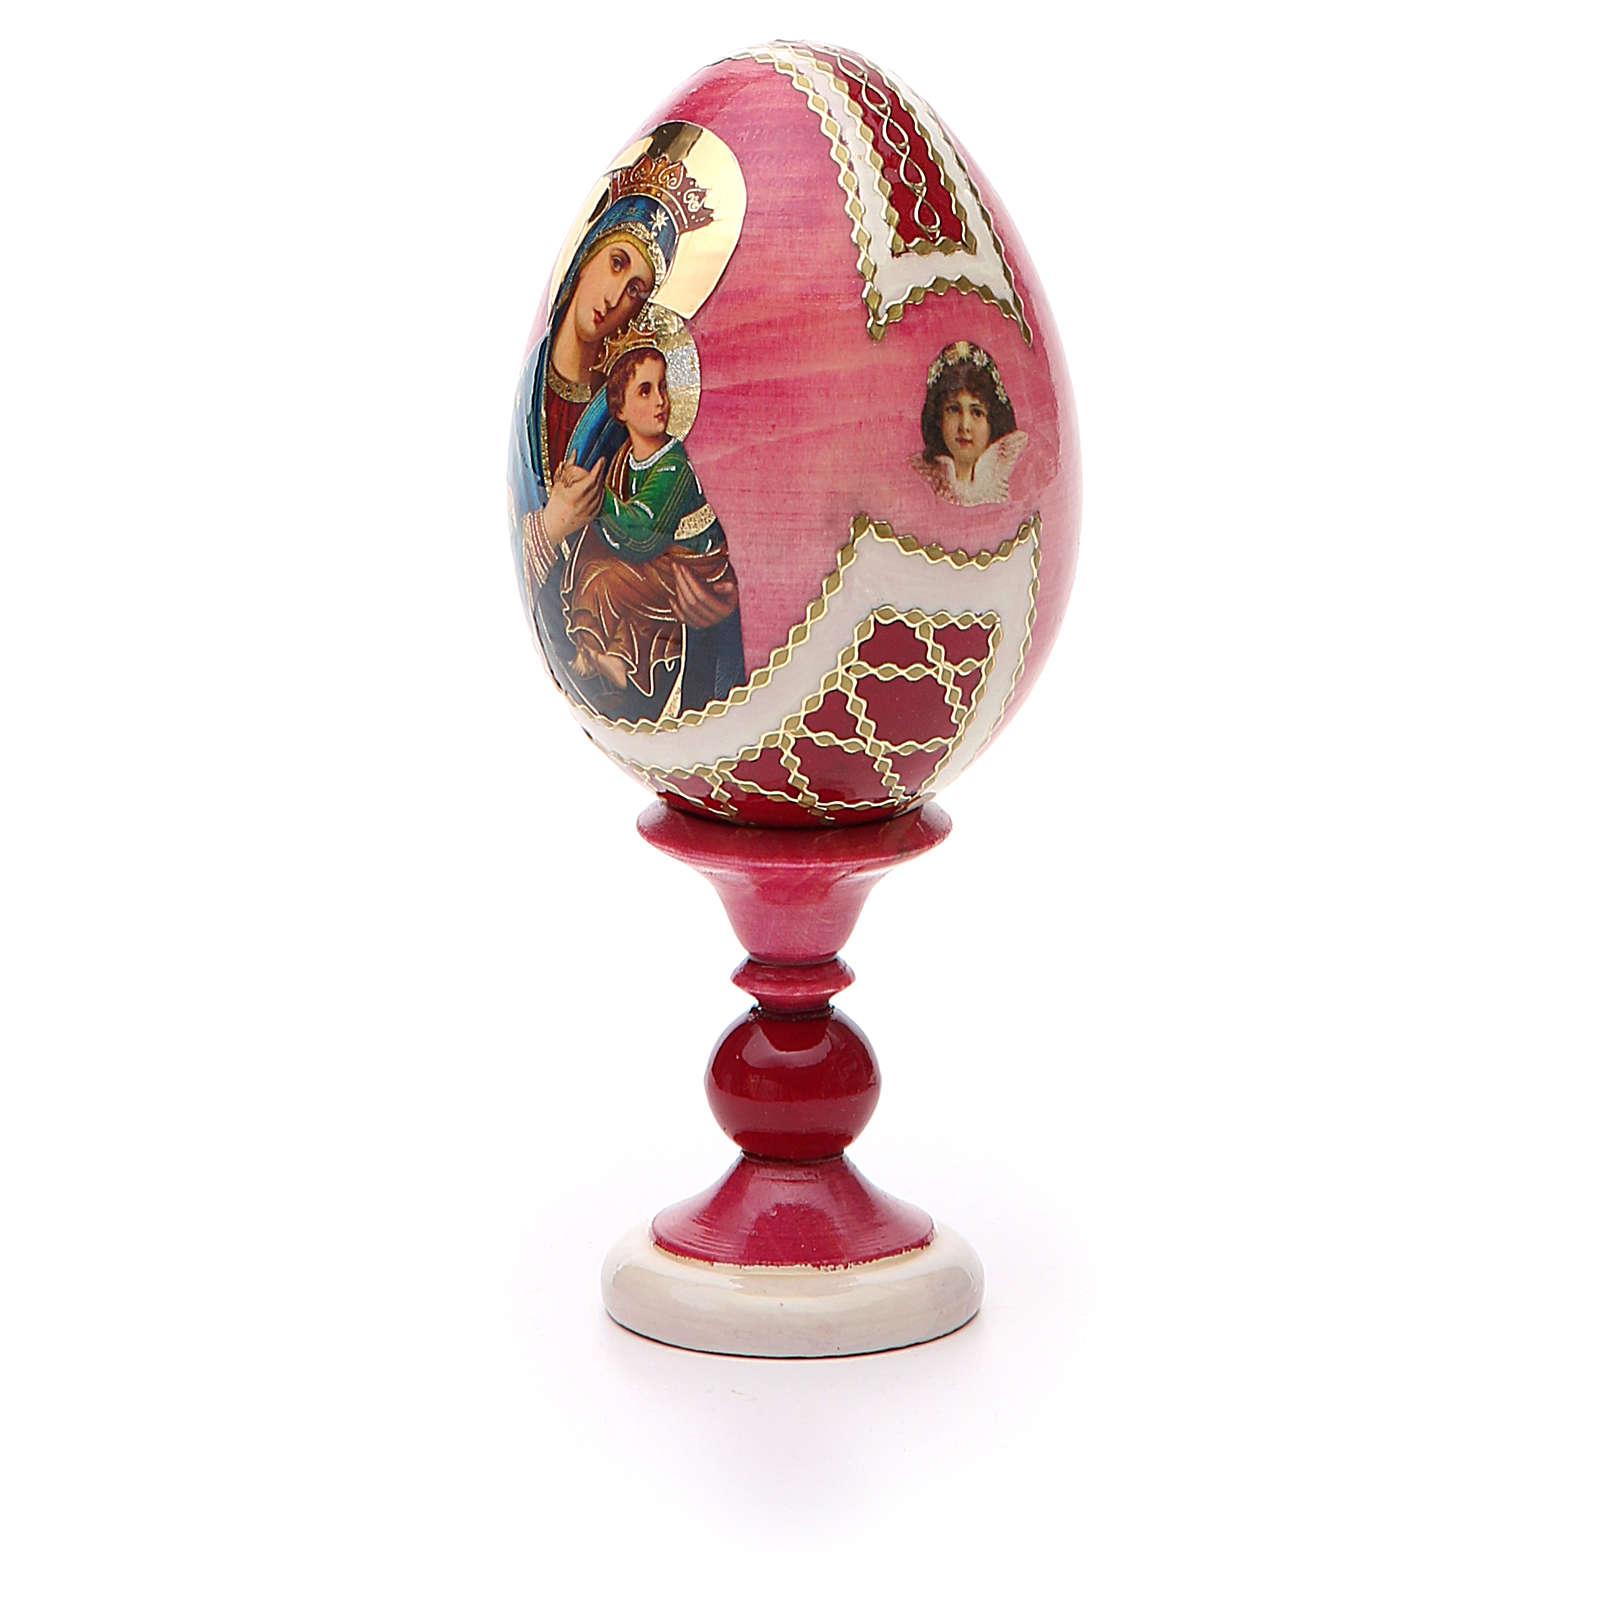 Oeuf russe découpage Perpétuel Secours h 13 cm style Fabergé 4